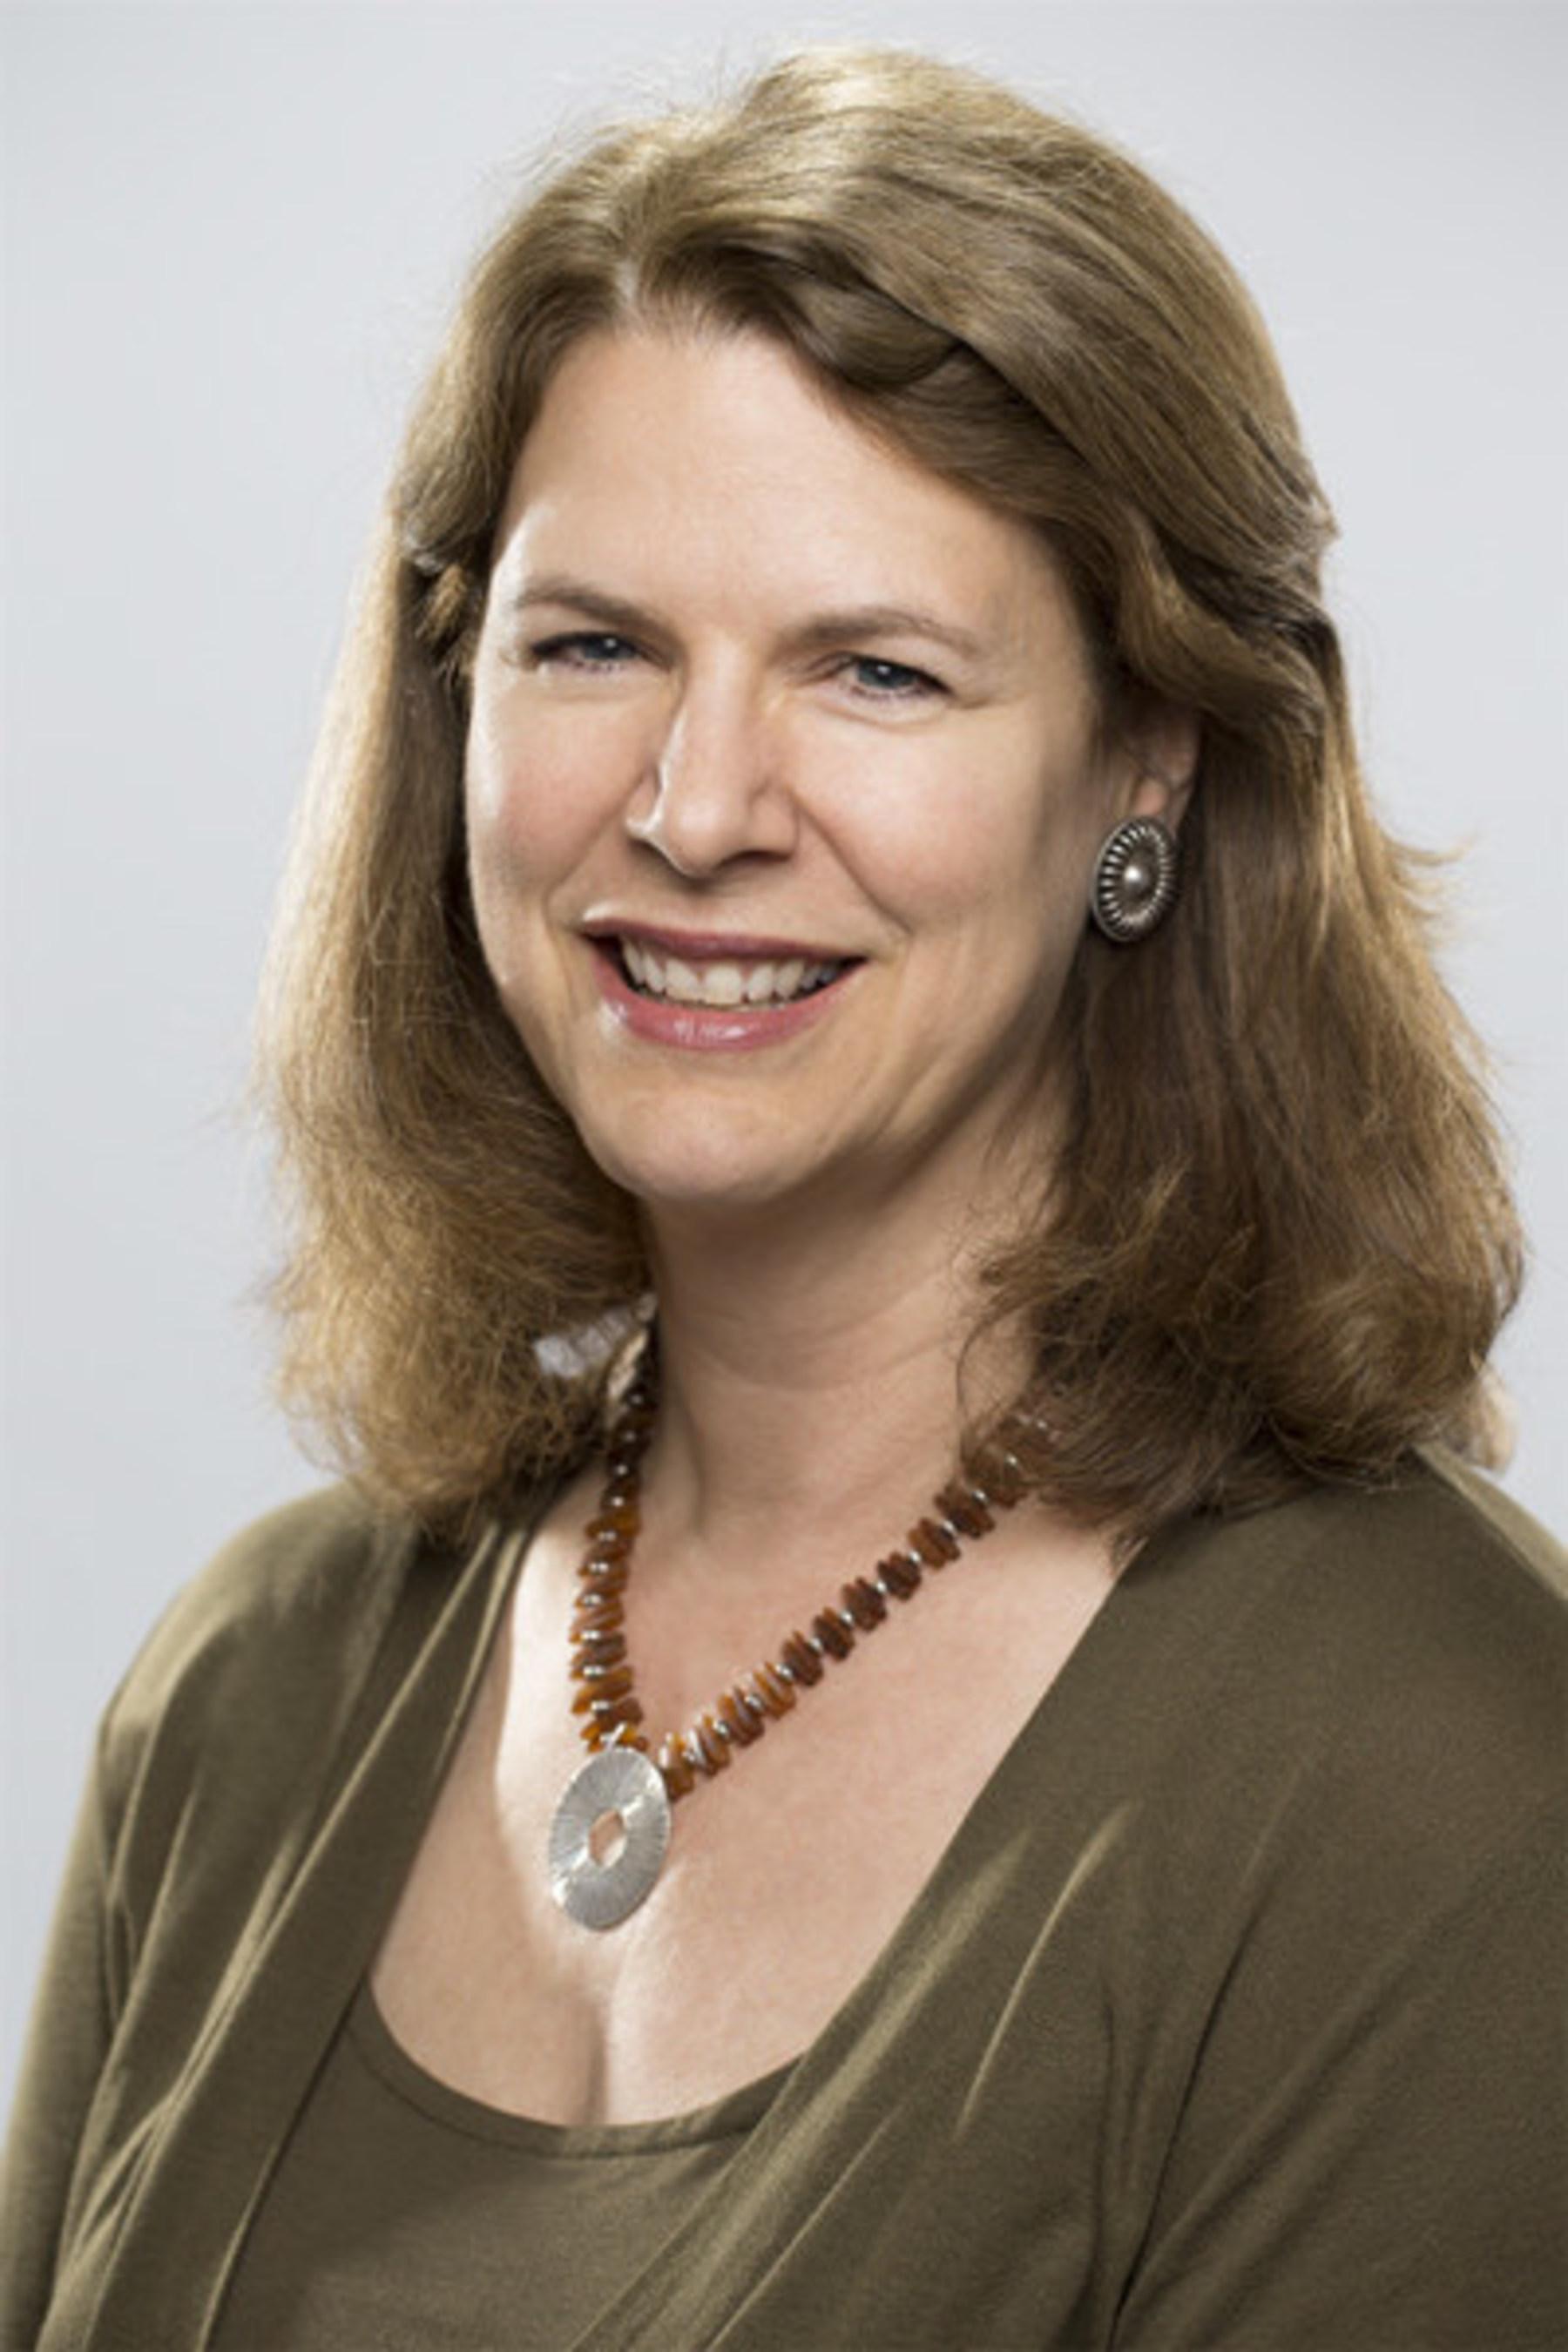 Debbie Burkart